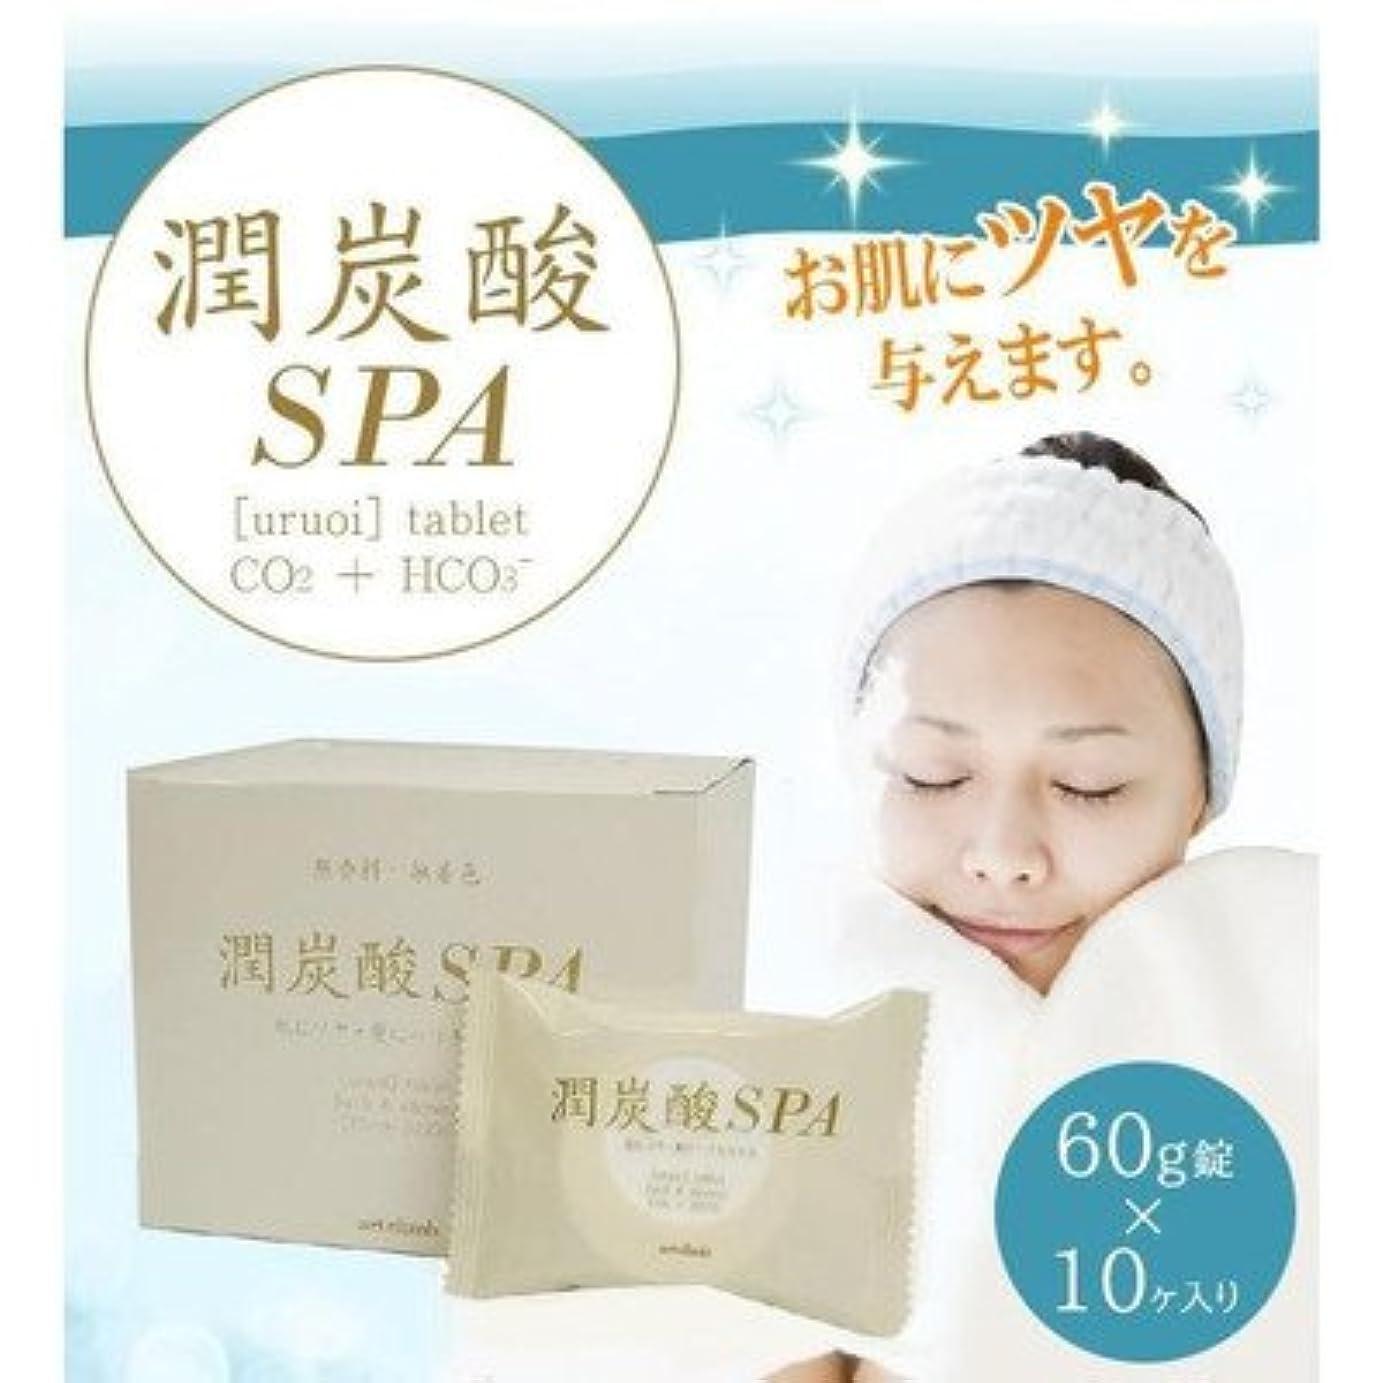 最終教交流する潤炭酸SPA BS 60g錠×10ヶ入り (浴用化粧料)